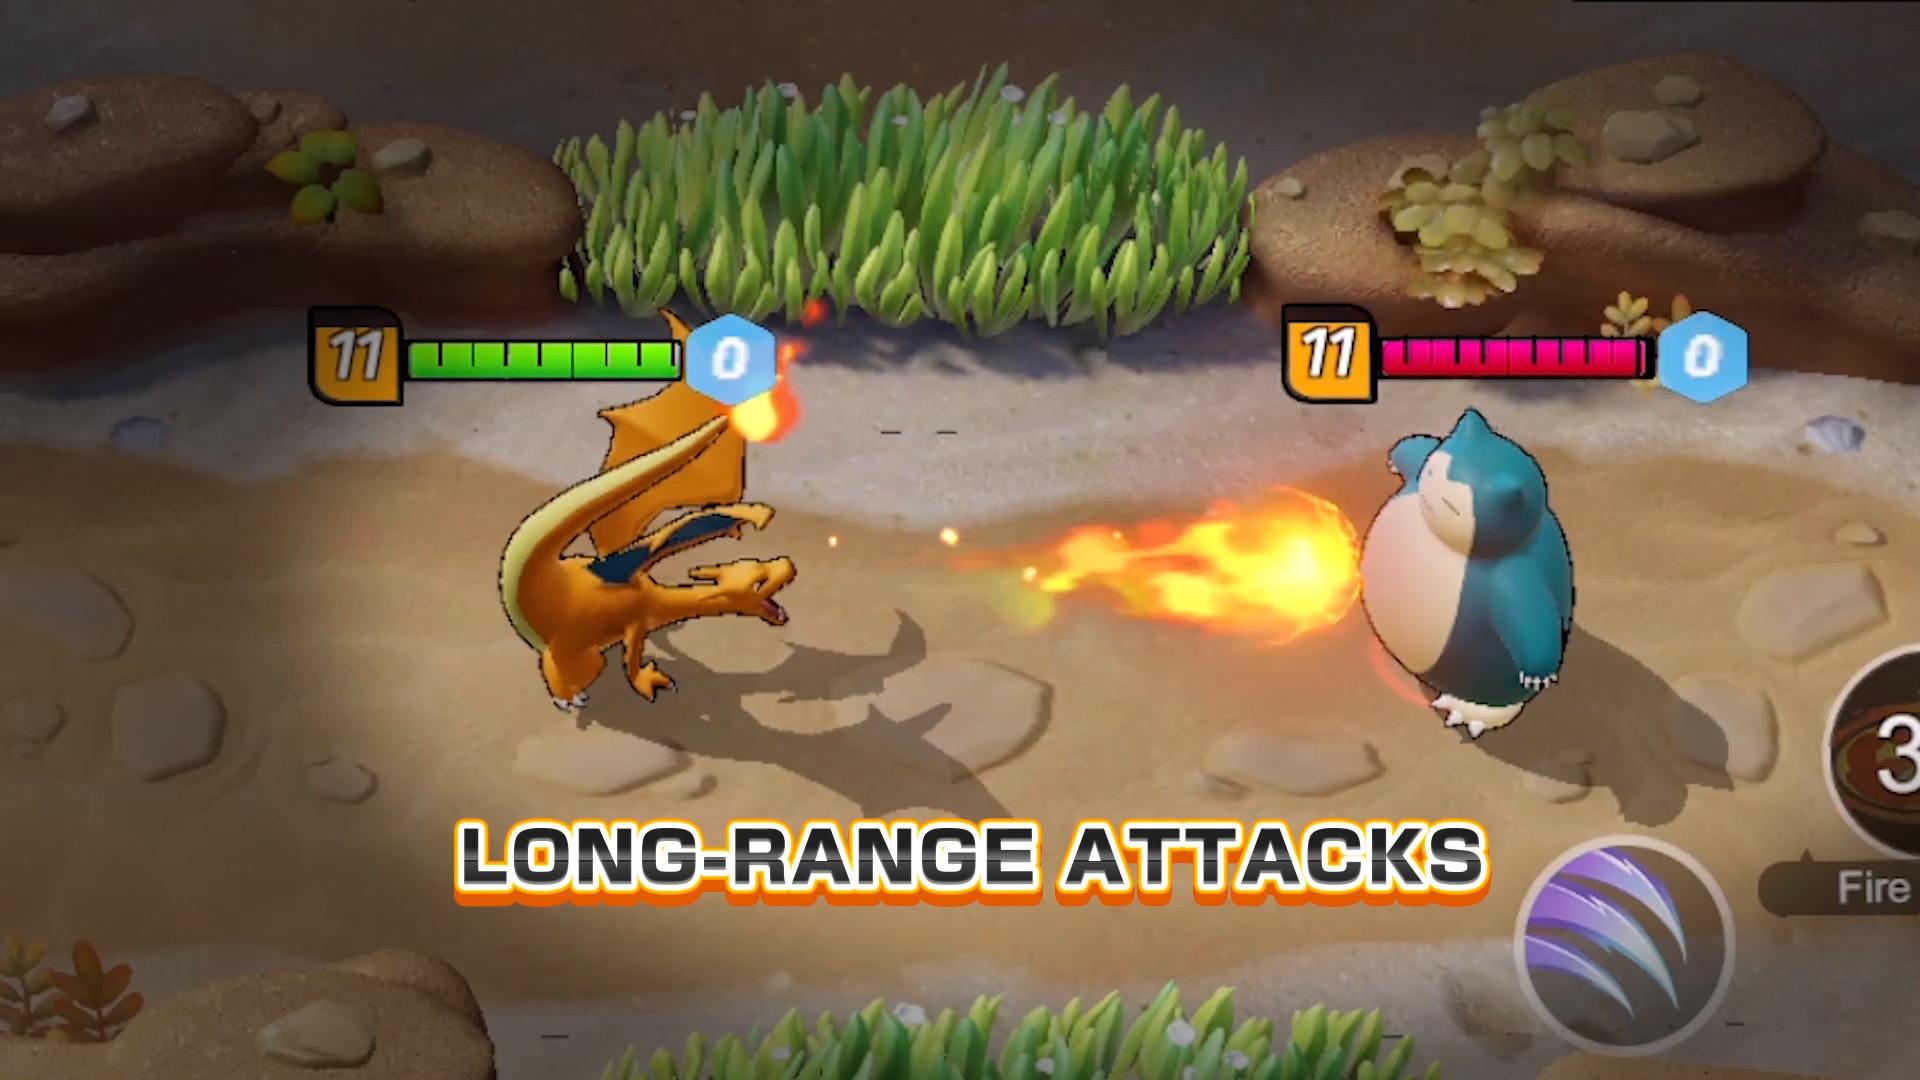 Pokémon Unite: Le Lotte Strategiche A Squadra Sbarcano Su Switch E Smartphone 4 - Hynerd.it